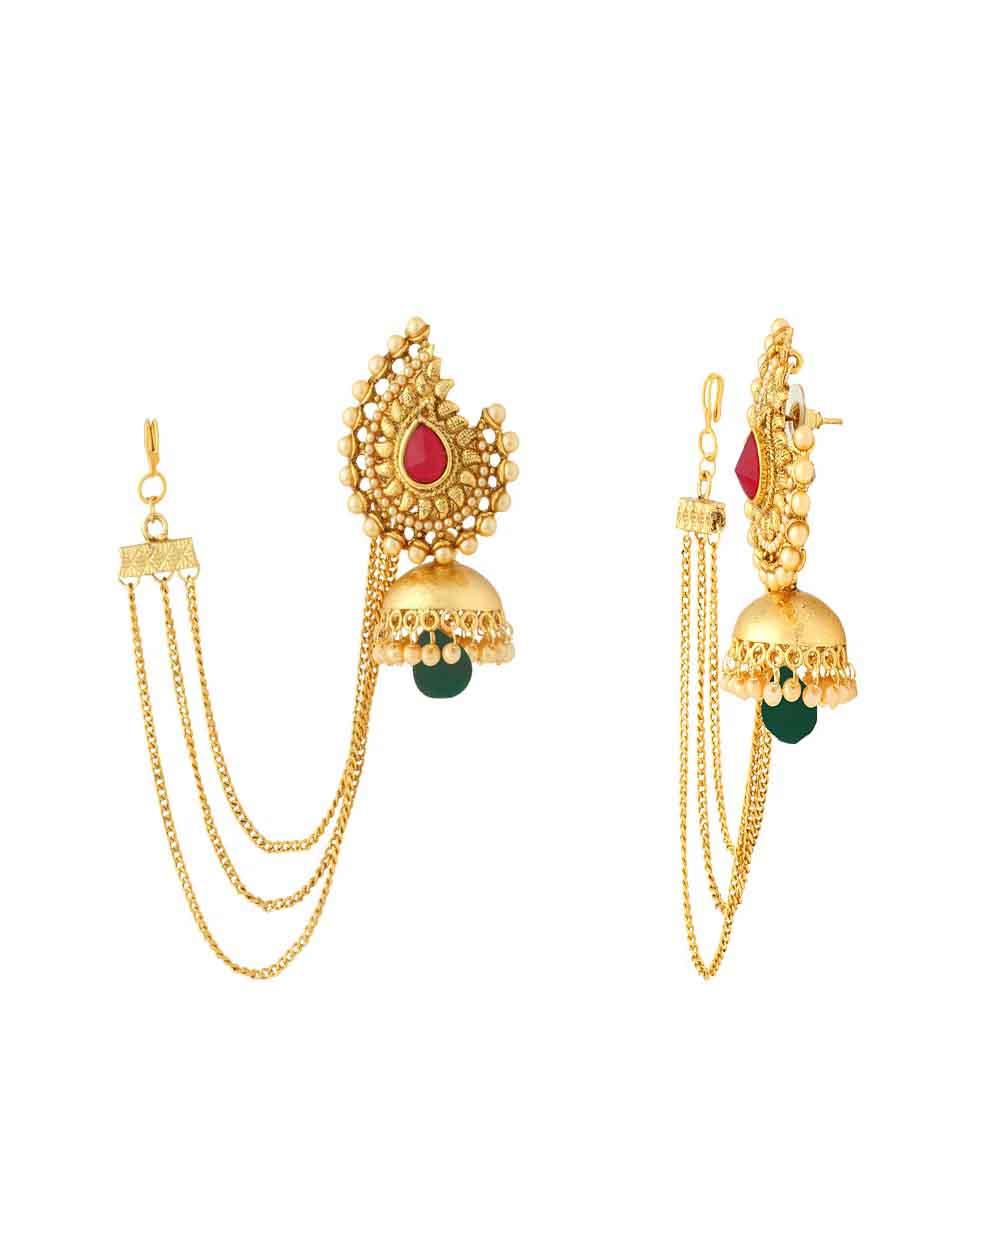 Traditional Women\'s Jhumka Earrings with Dainty Sahara Chain | Buy ...